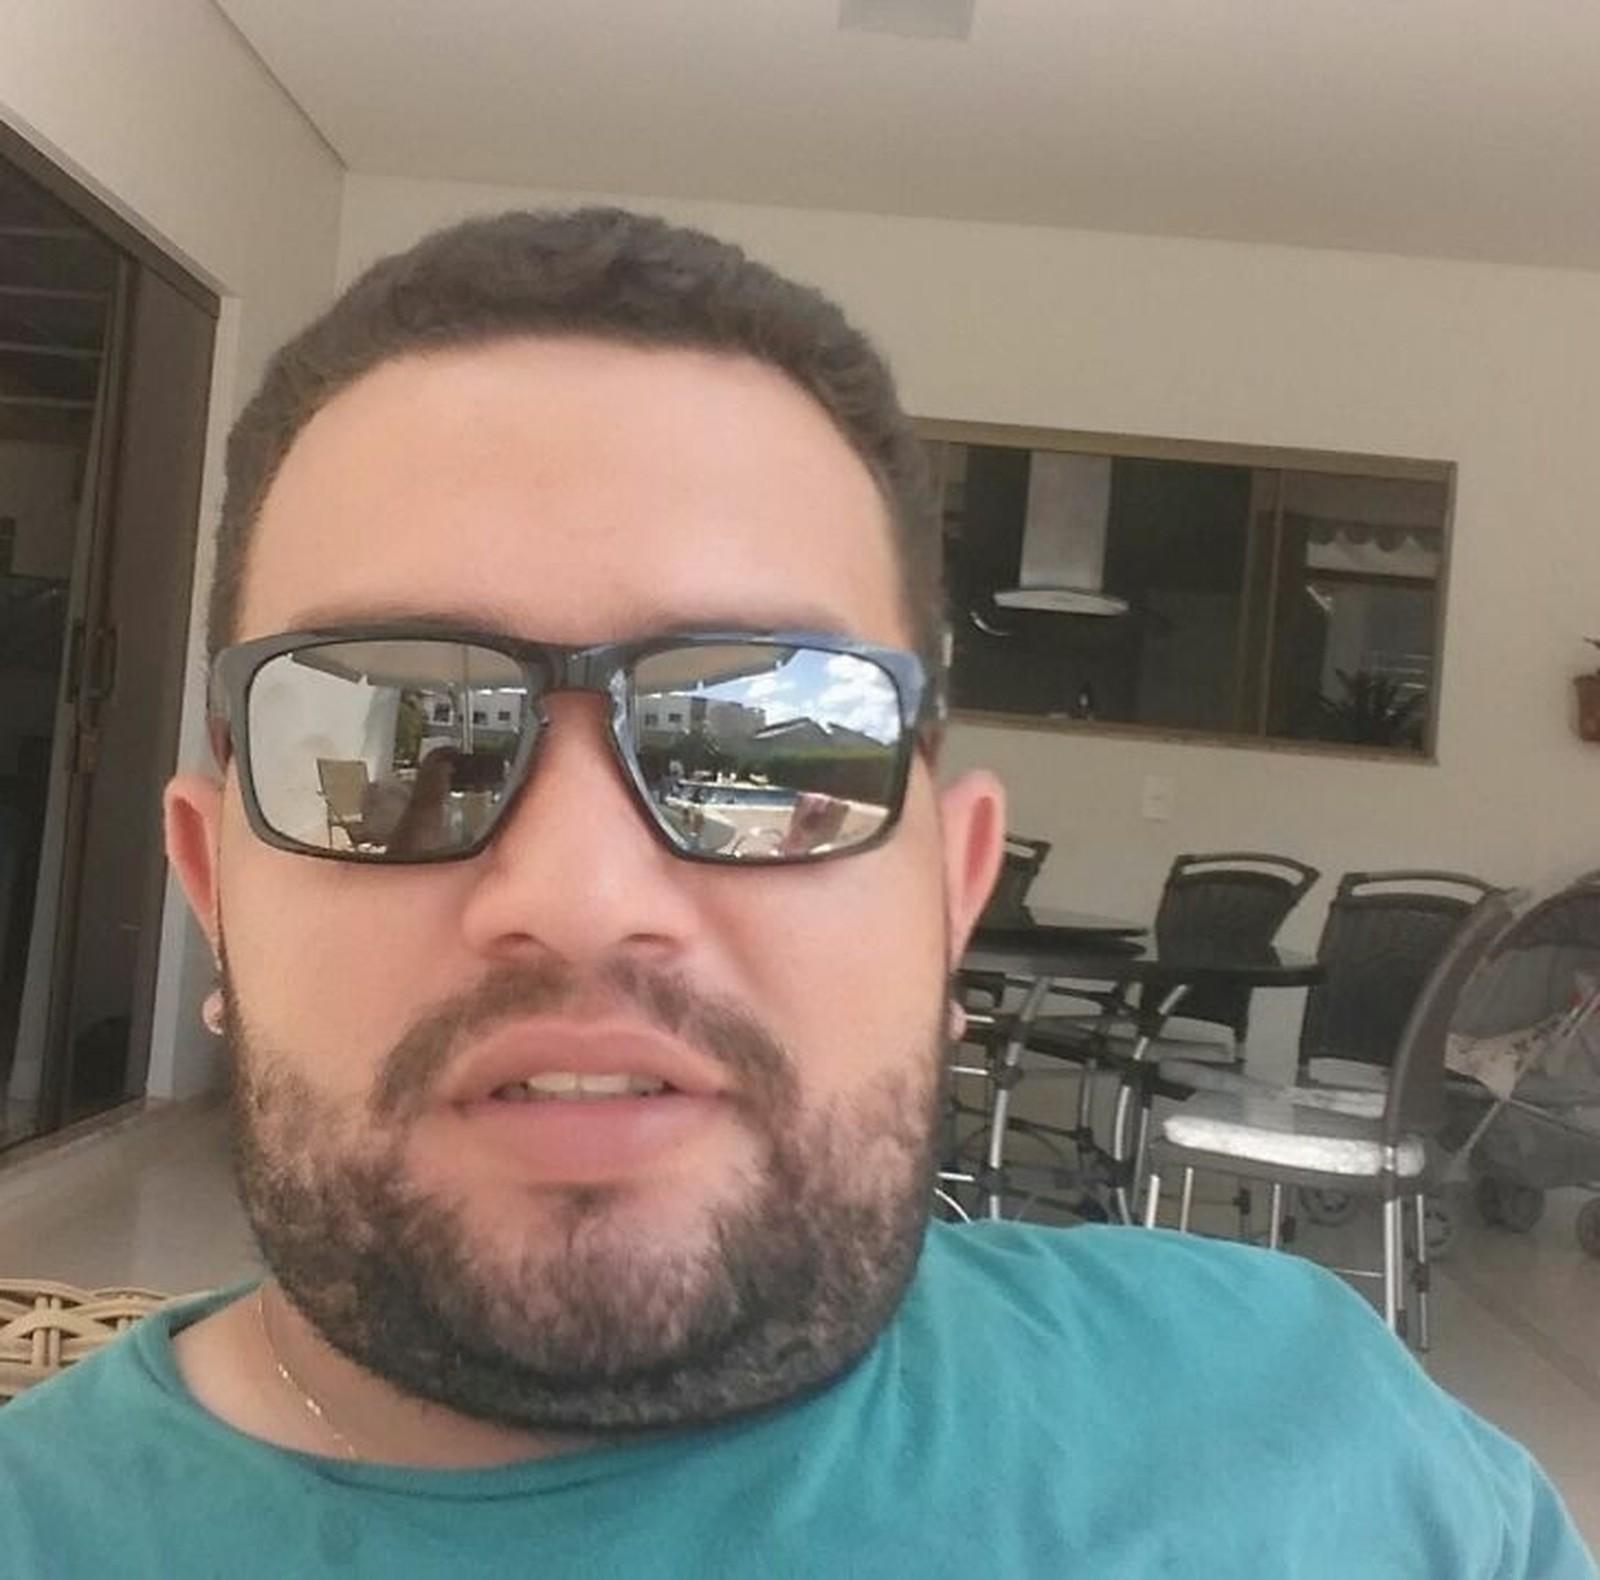 O agrônomo Éder Tadeu Maciel, de 29 anos, desapareceu ao sair para trabalhar